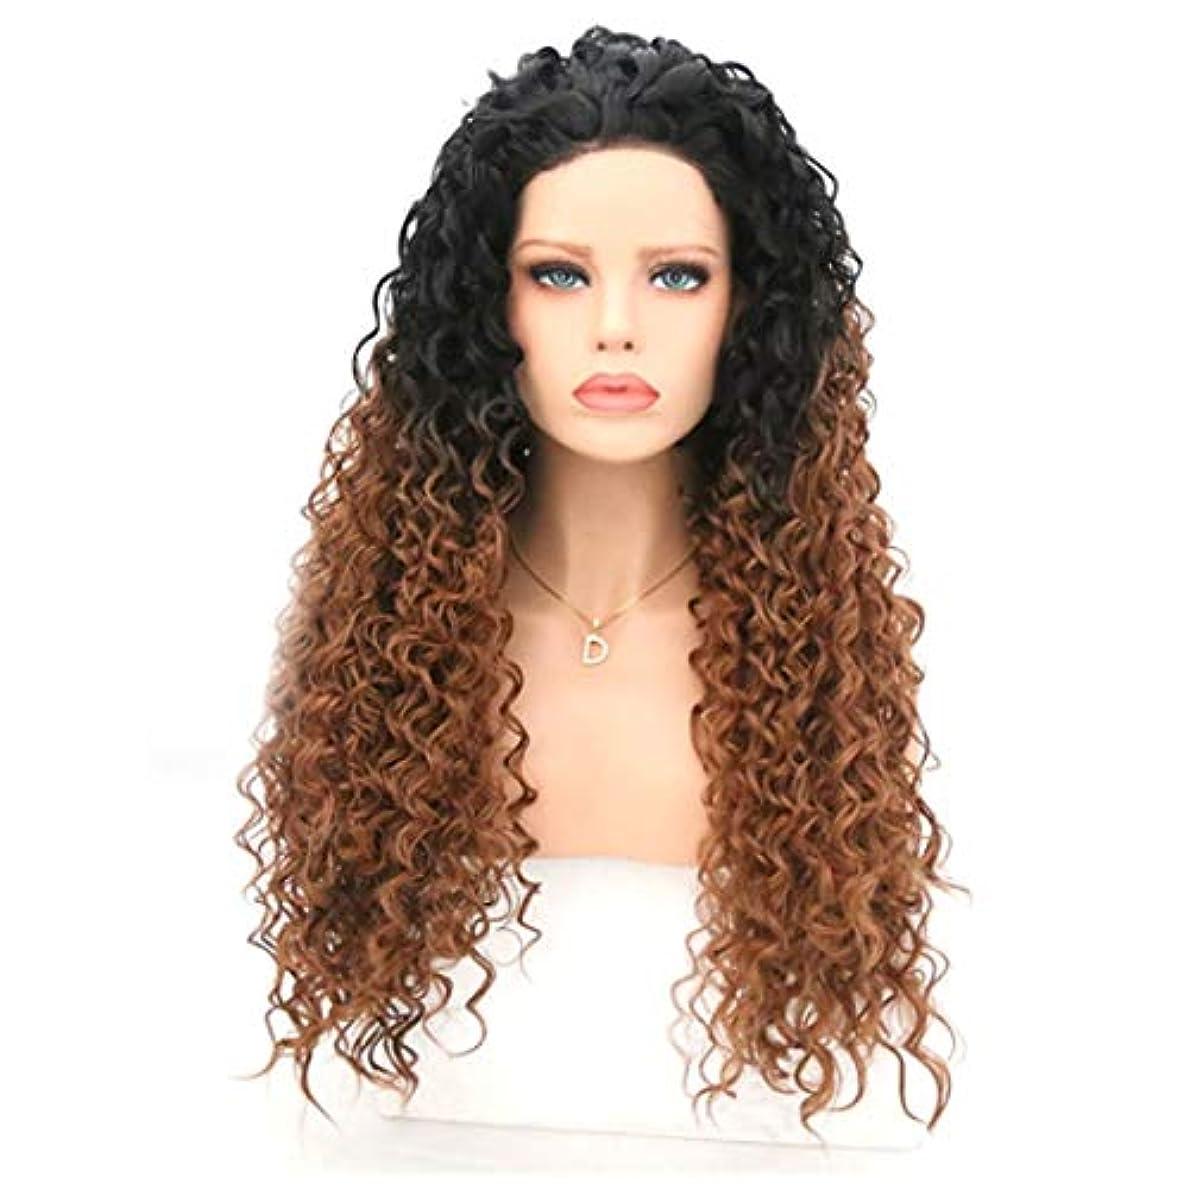 許可する仕事に行く嵐のSummerys 波状の巻き毛のかつら女性のための耐熱性巻き毛のかつら (Size : 16 inches)